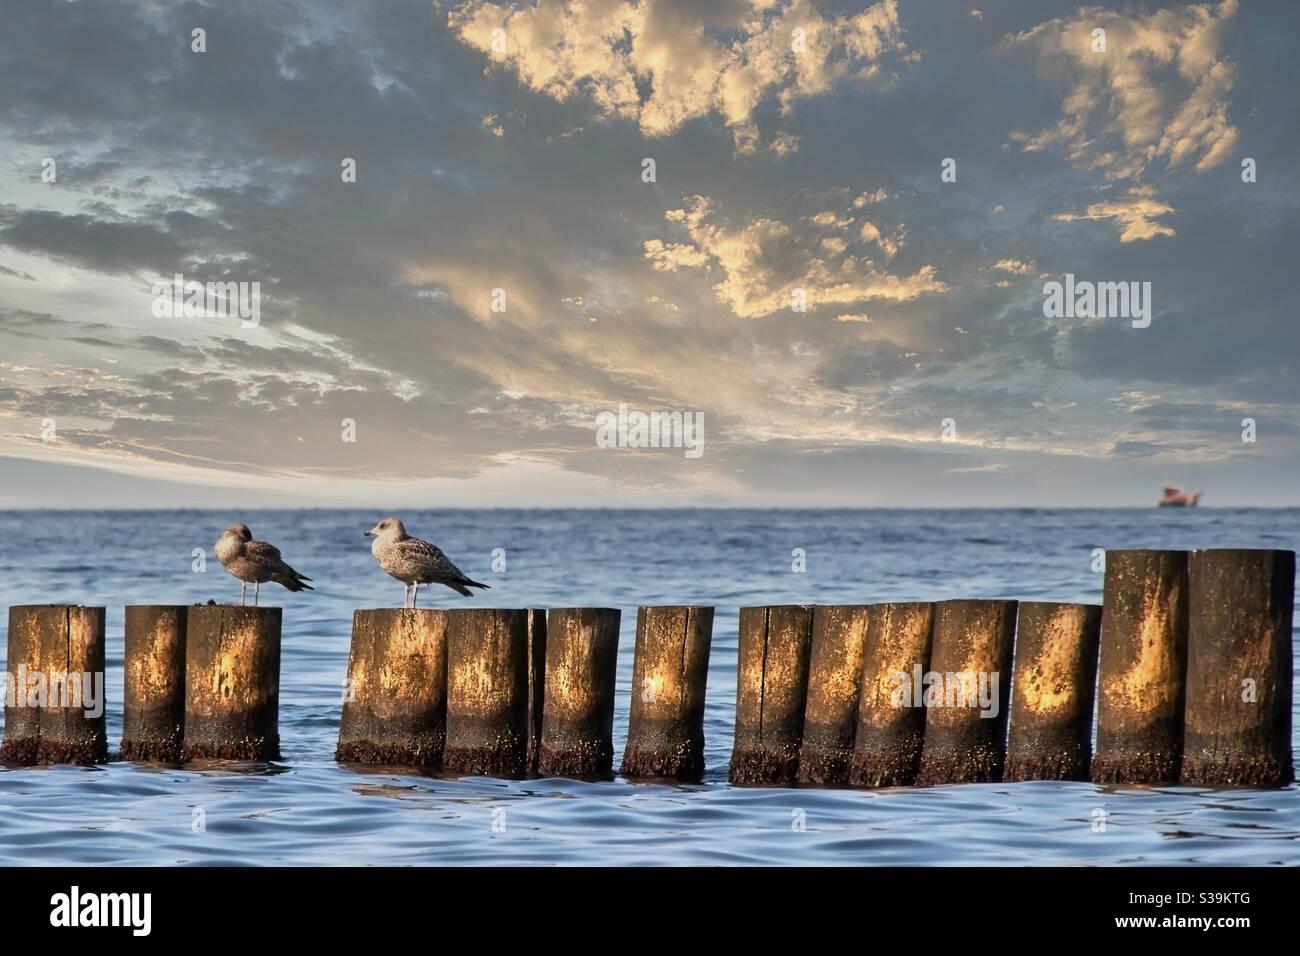 deux goélands de mer assis sur des groynes de bois abîmés devant de la mer avec un bateau à voile peu tranchant dans le arrière-plan Banque D'Images